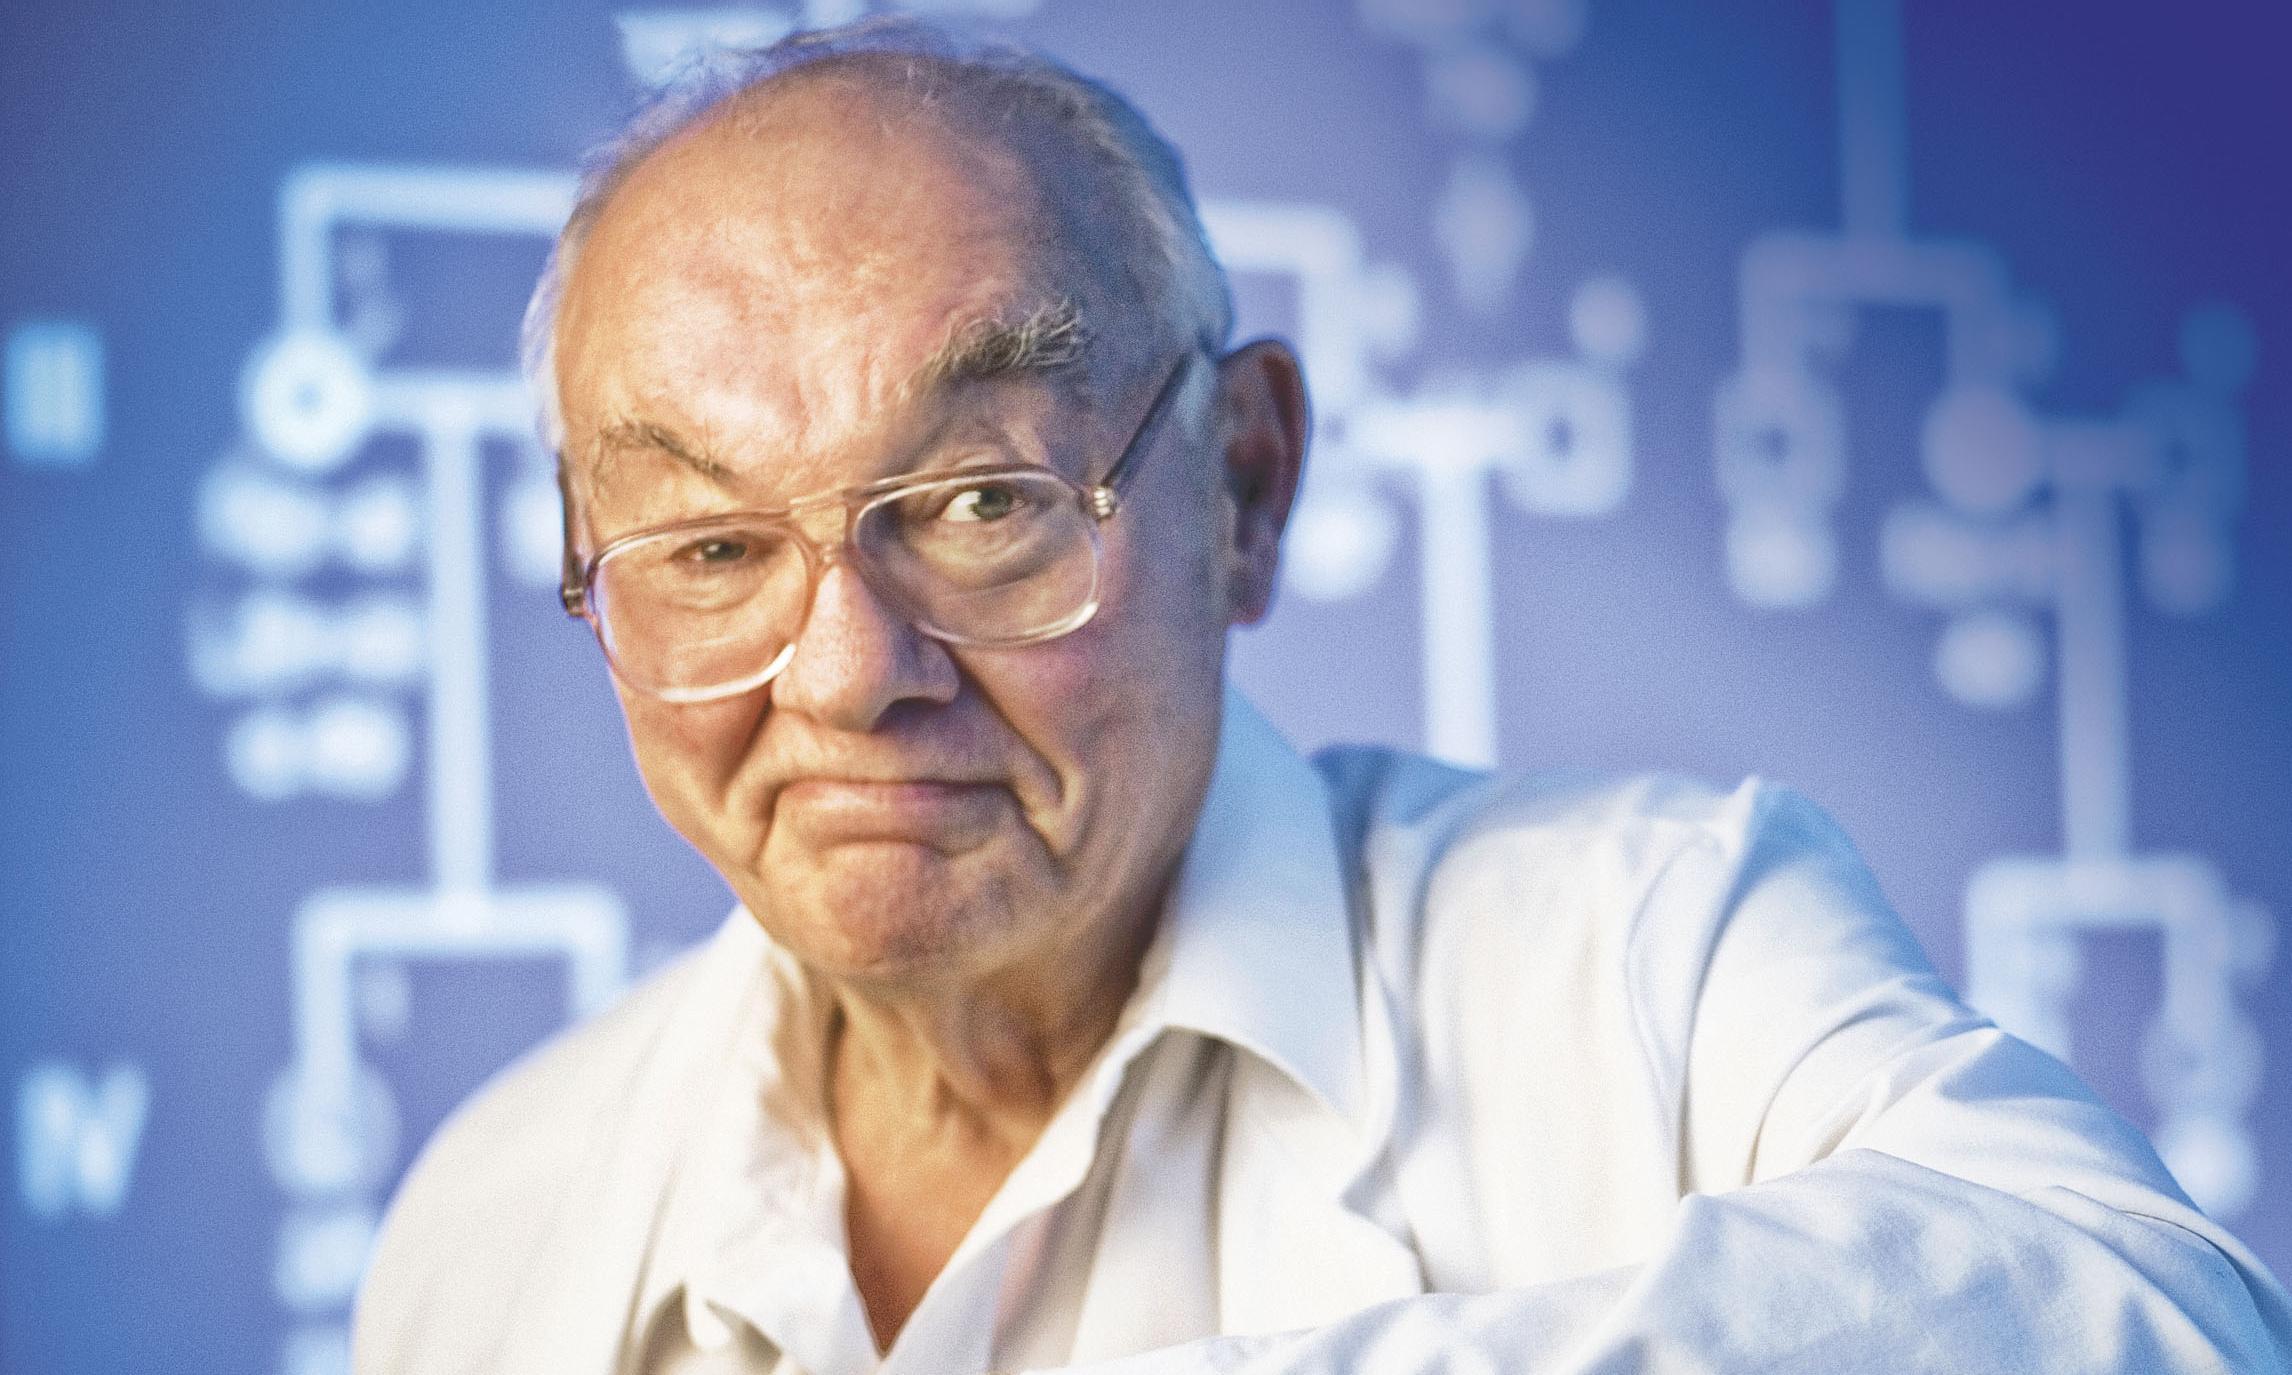 Dr Henry Lynch obituary